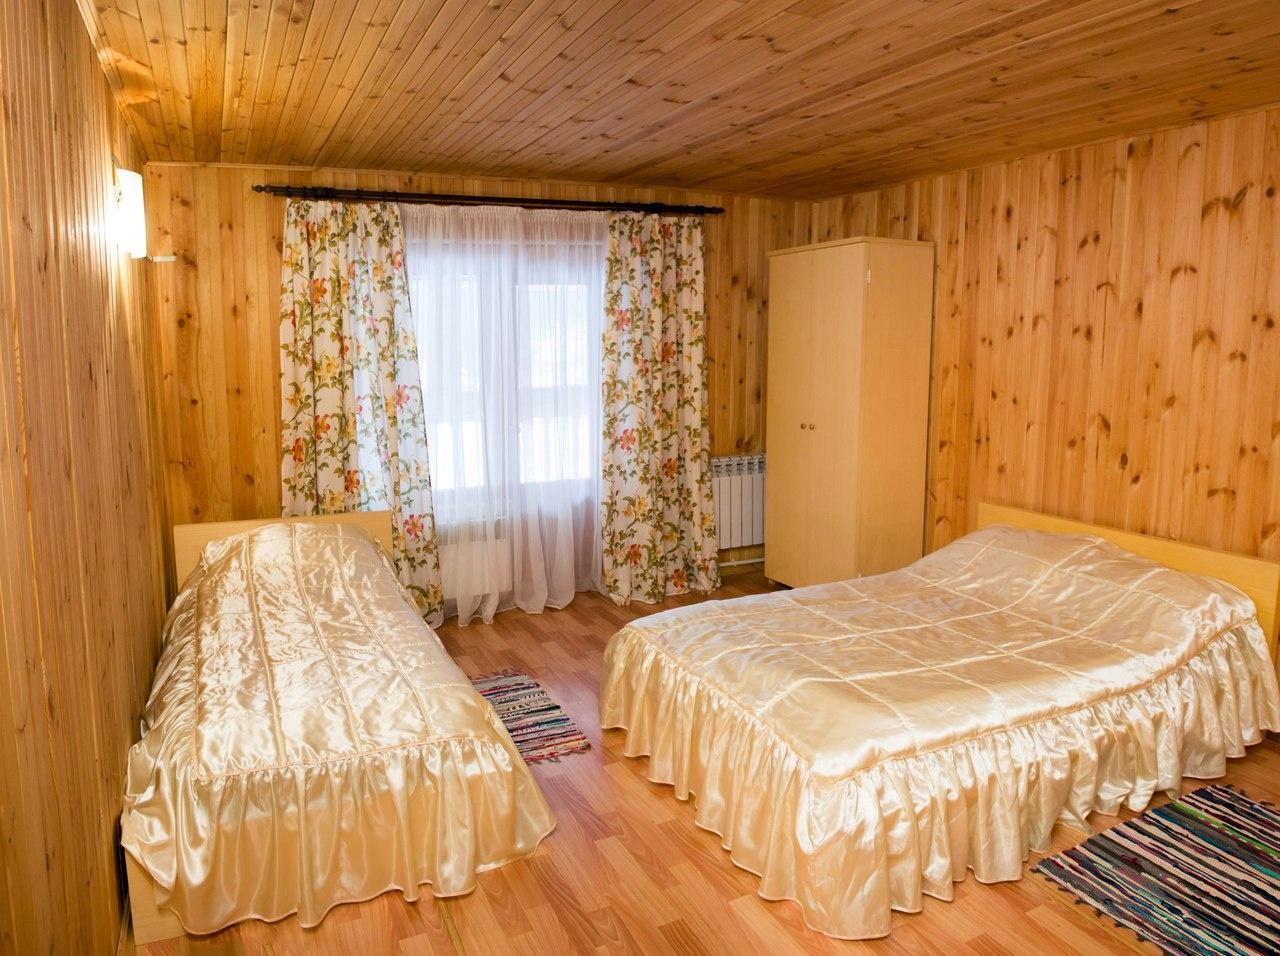 База отдыха «Налитово» Ульяновская область Охотничий коттедж , фото 2